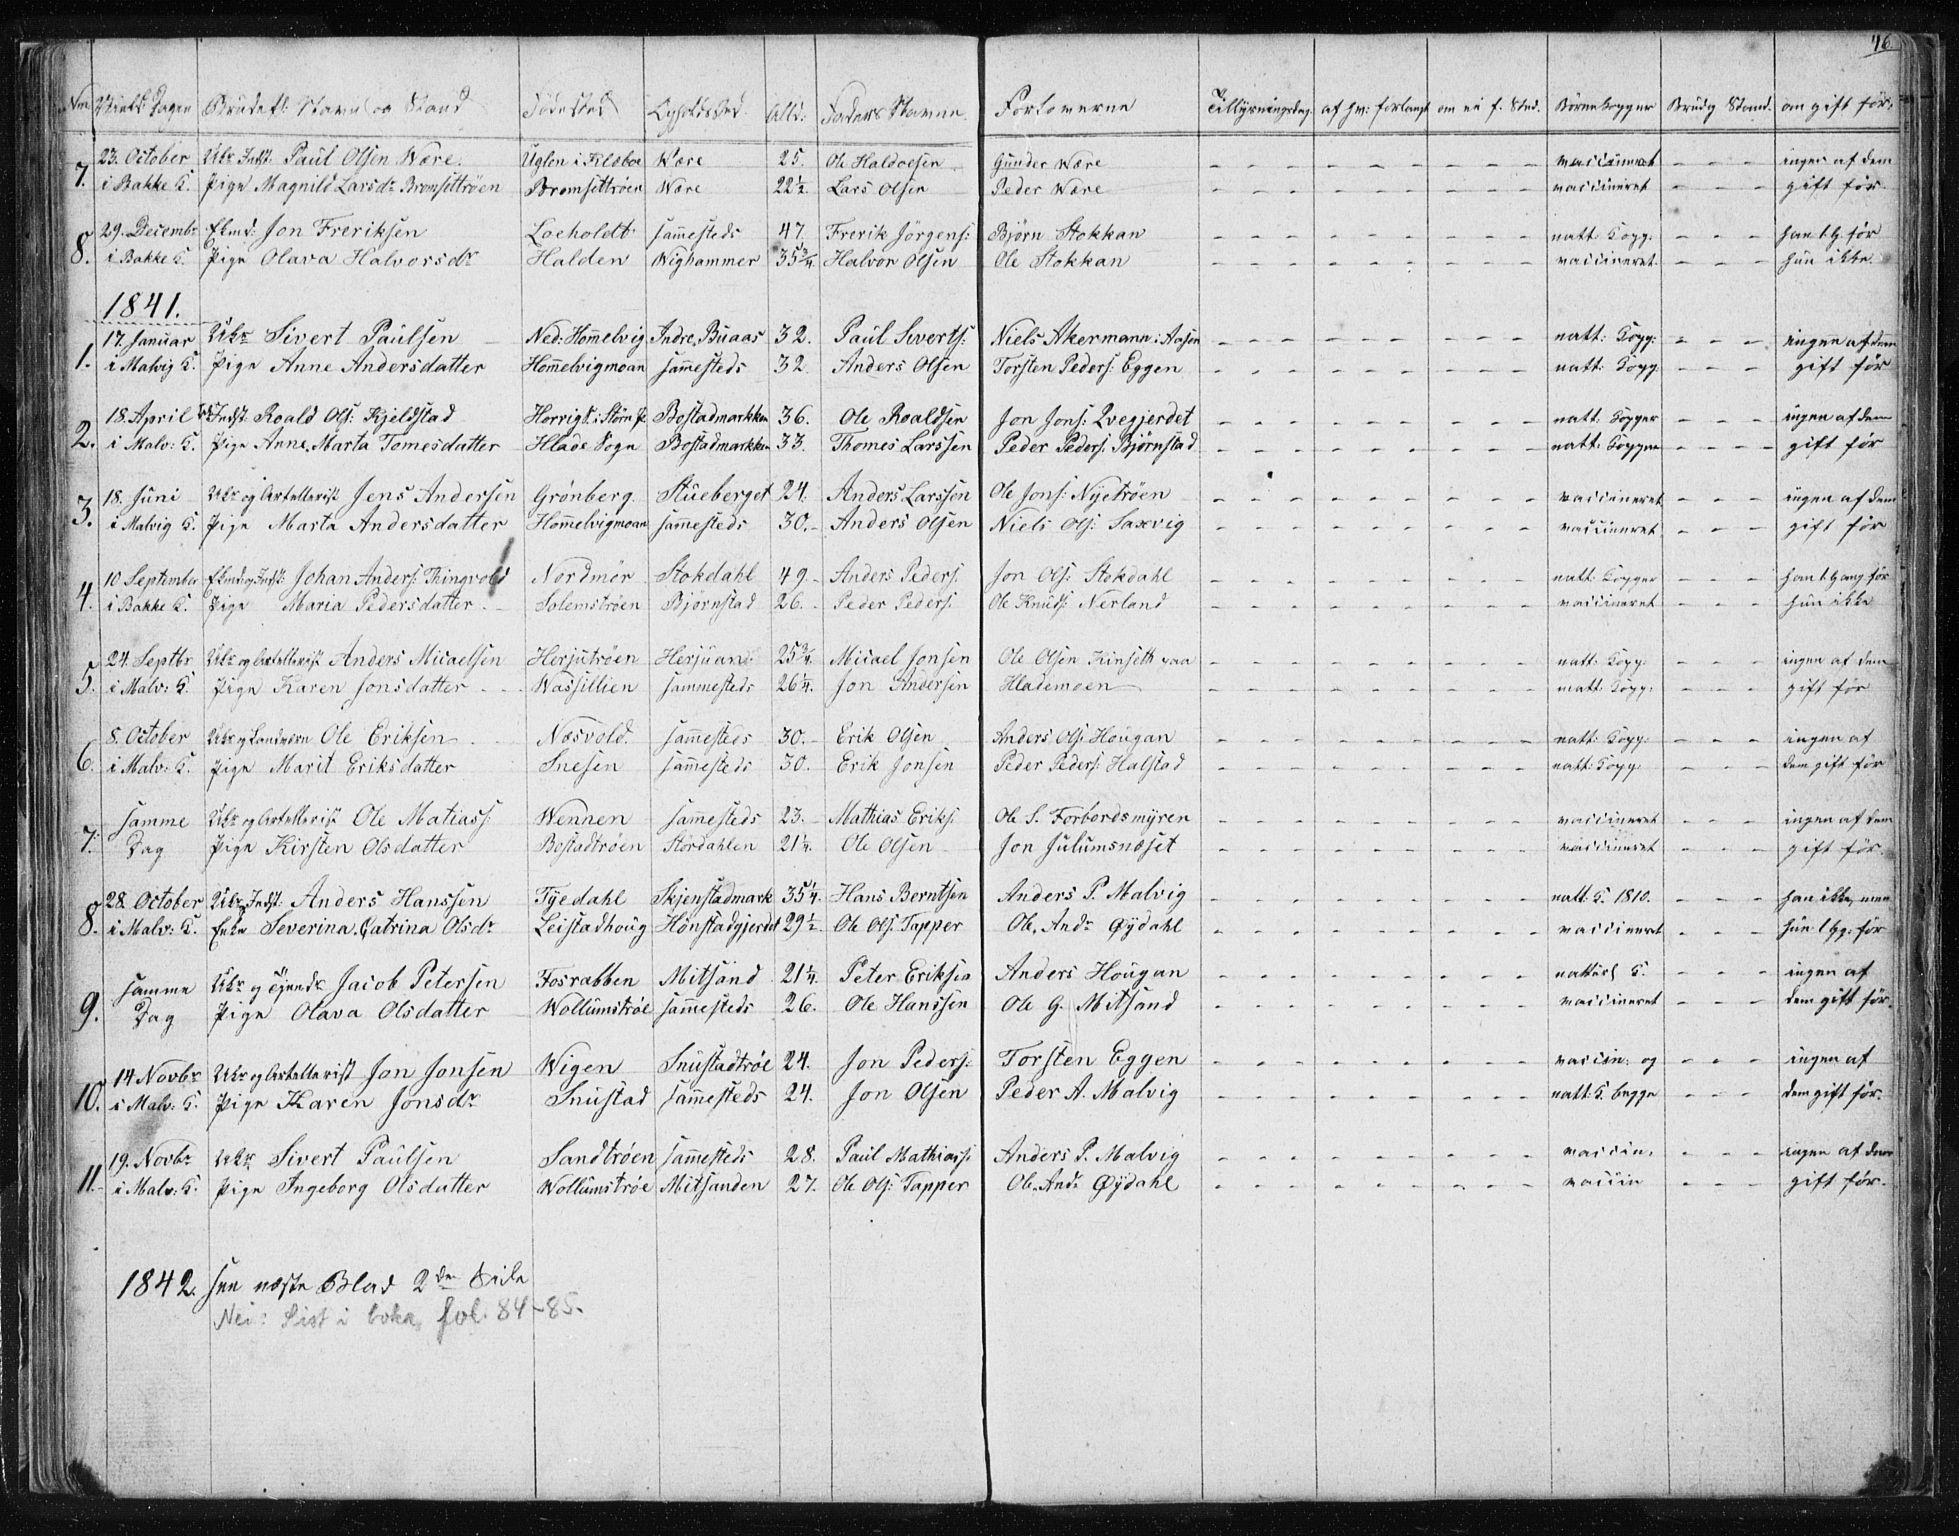 SAT, Ministerialprotokoller, klokkerbøker og fødselsregistre - Sør-Trøndelag, 616/L0405: Ministerialbok nr. 616A02, 1831-1842, s. 46